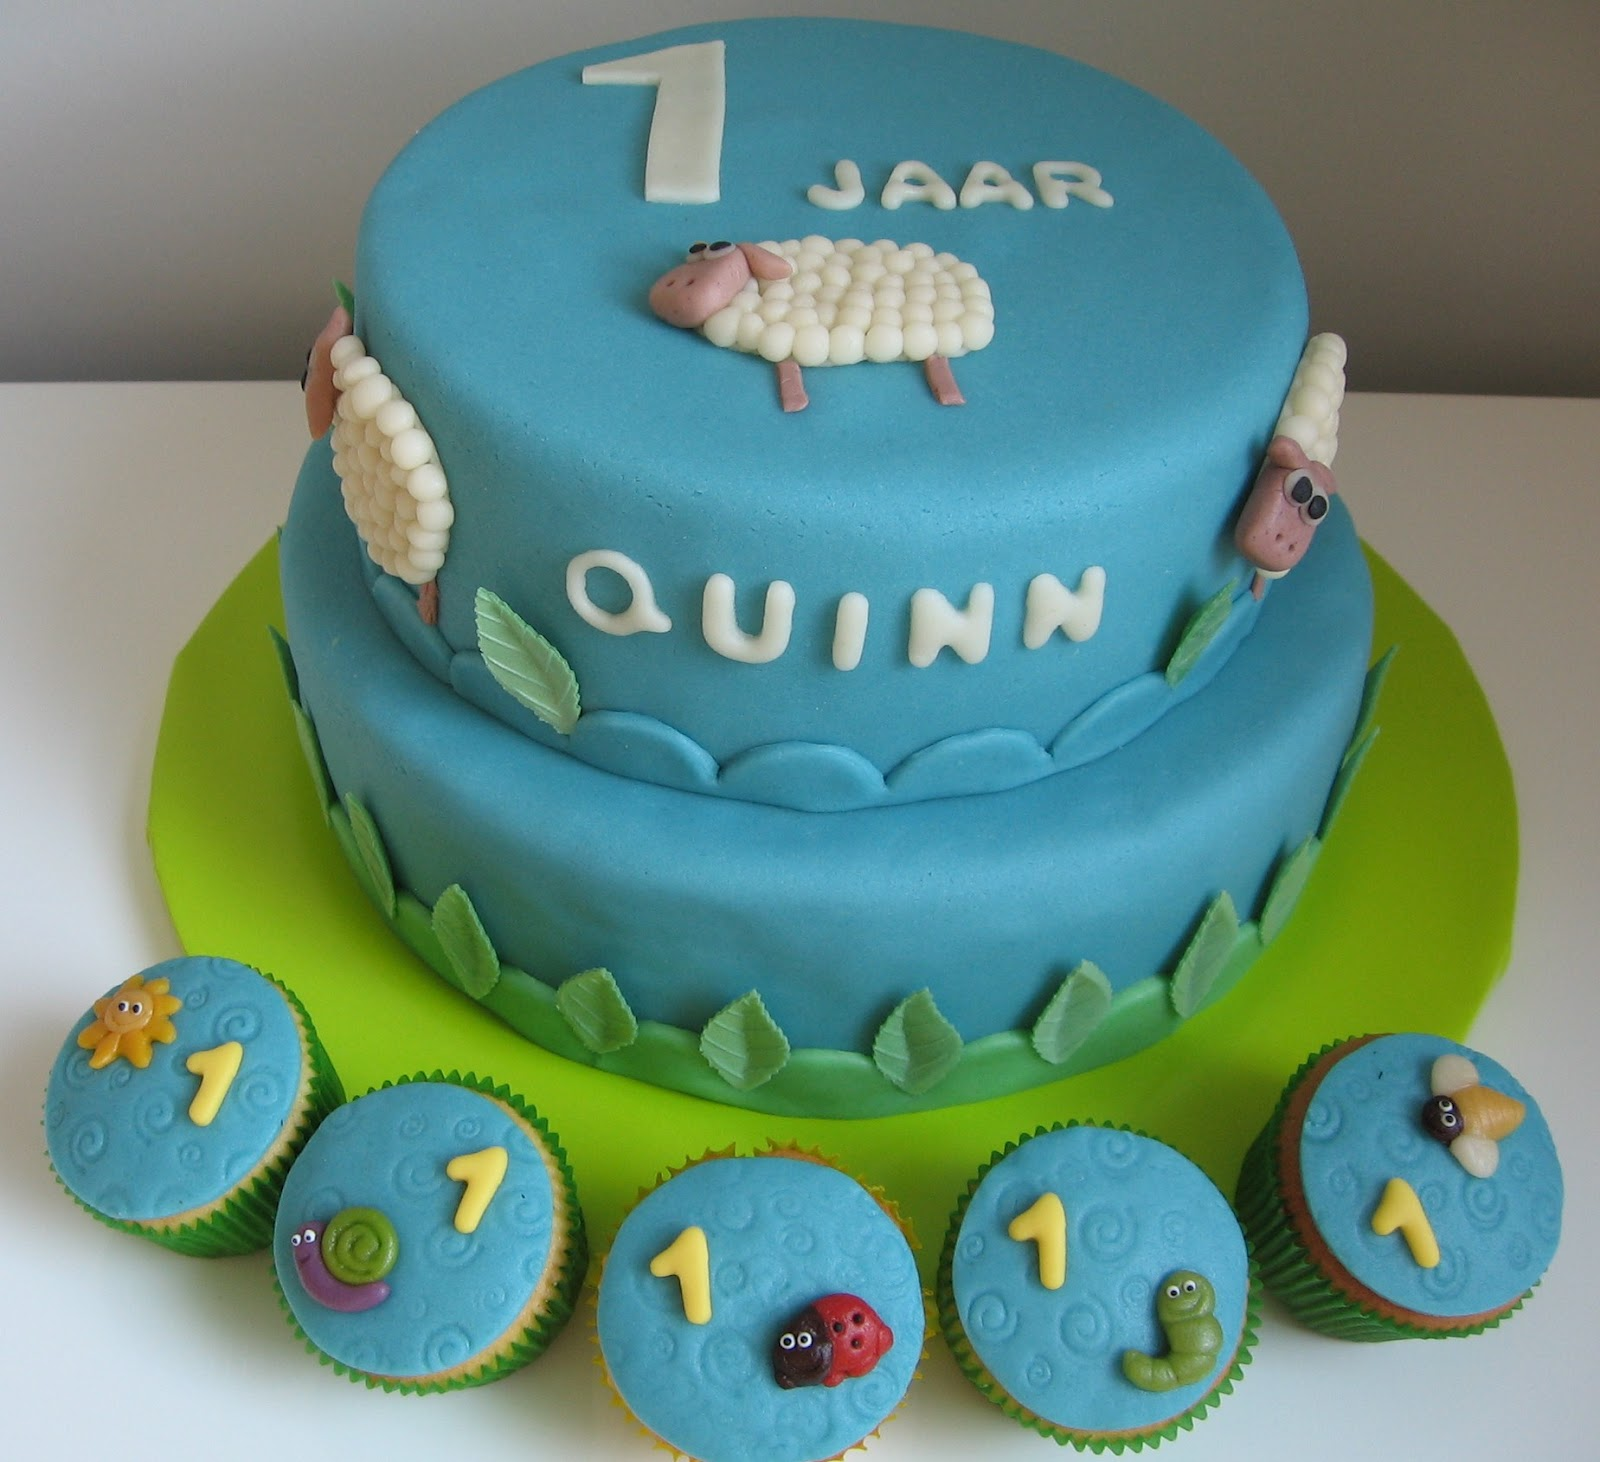 taart 1 jaar maken Verjaardagstaart 1 Jaar Maken   ARCHIDEV taart 1 jaar maken